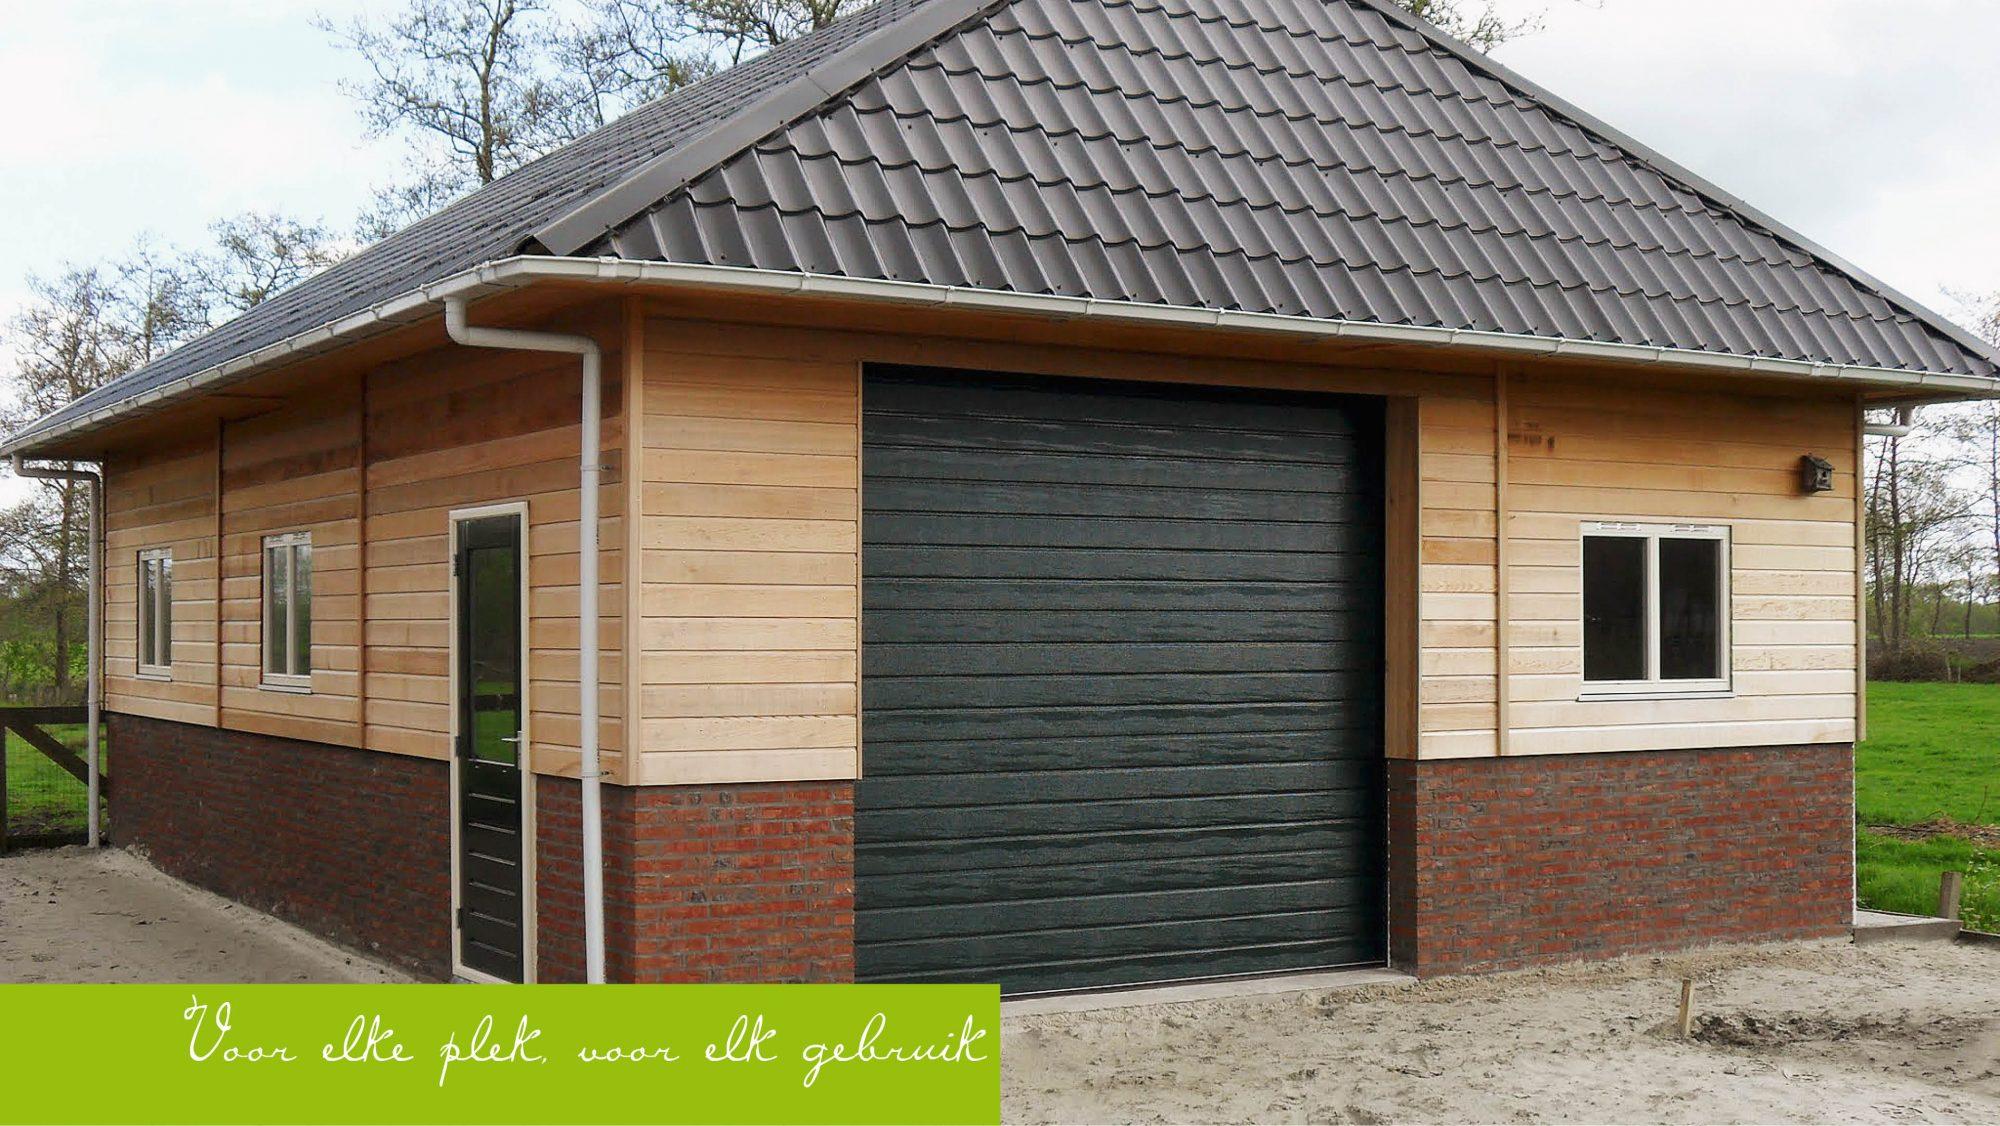 Houten Garage Prijs : Gemetselde borstwering houten garage olja buitenleven